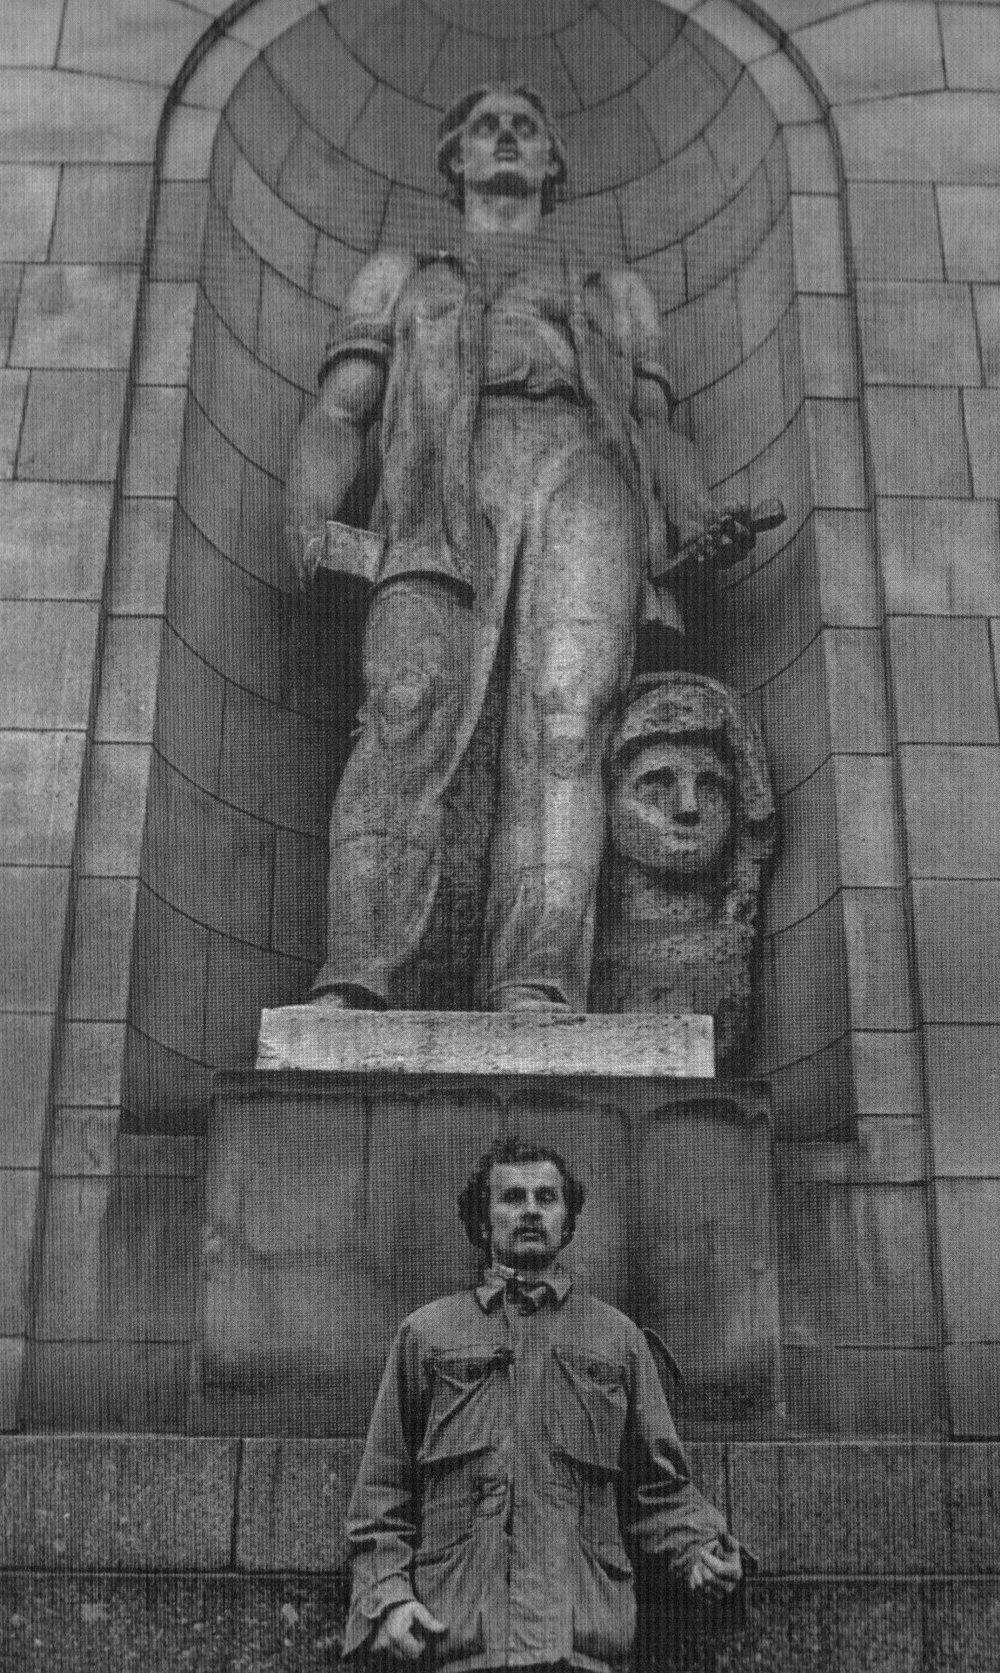 Socfiction Pałac Kultury i Nauki, Warszawa, 1979 fot. Stefan Okołowicz